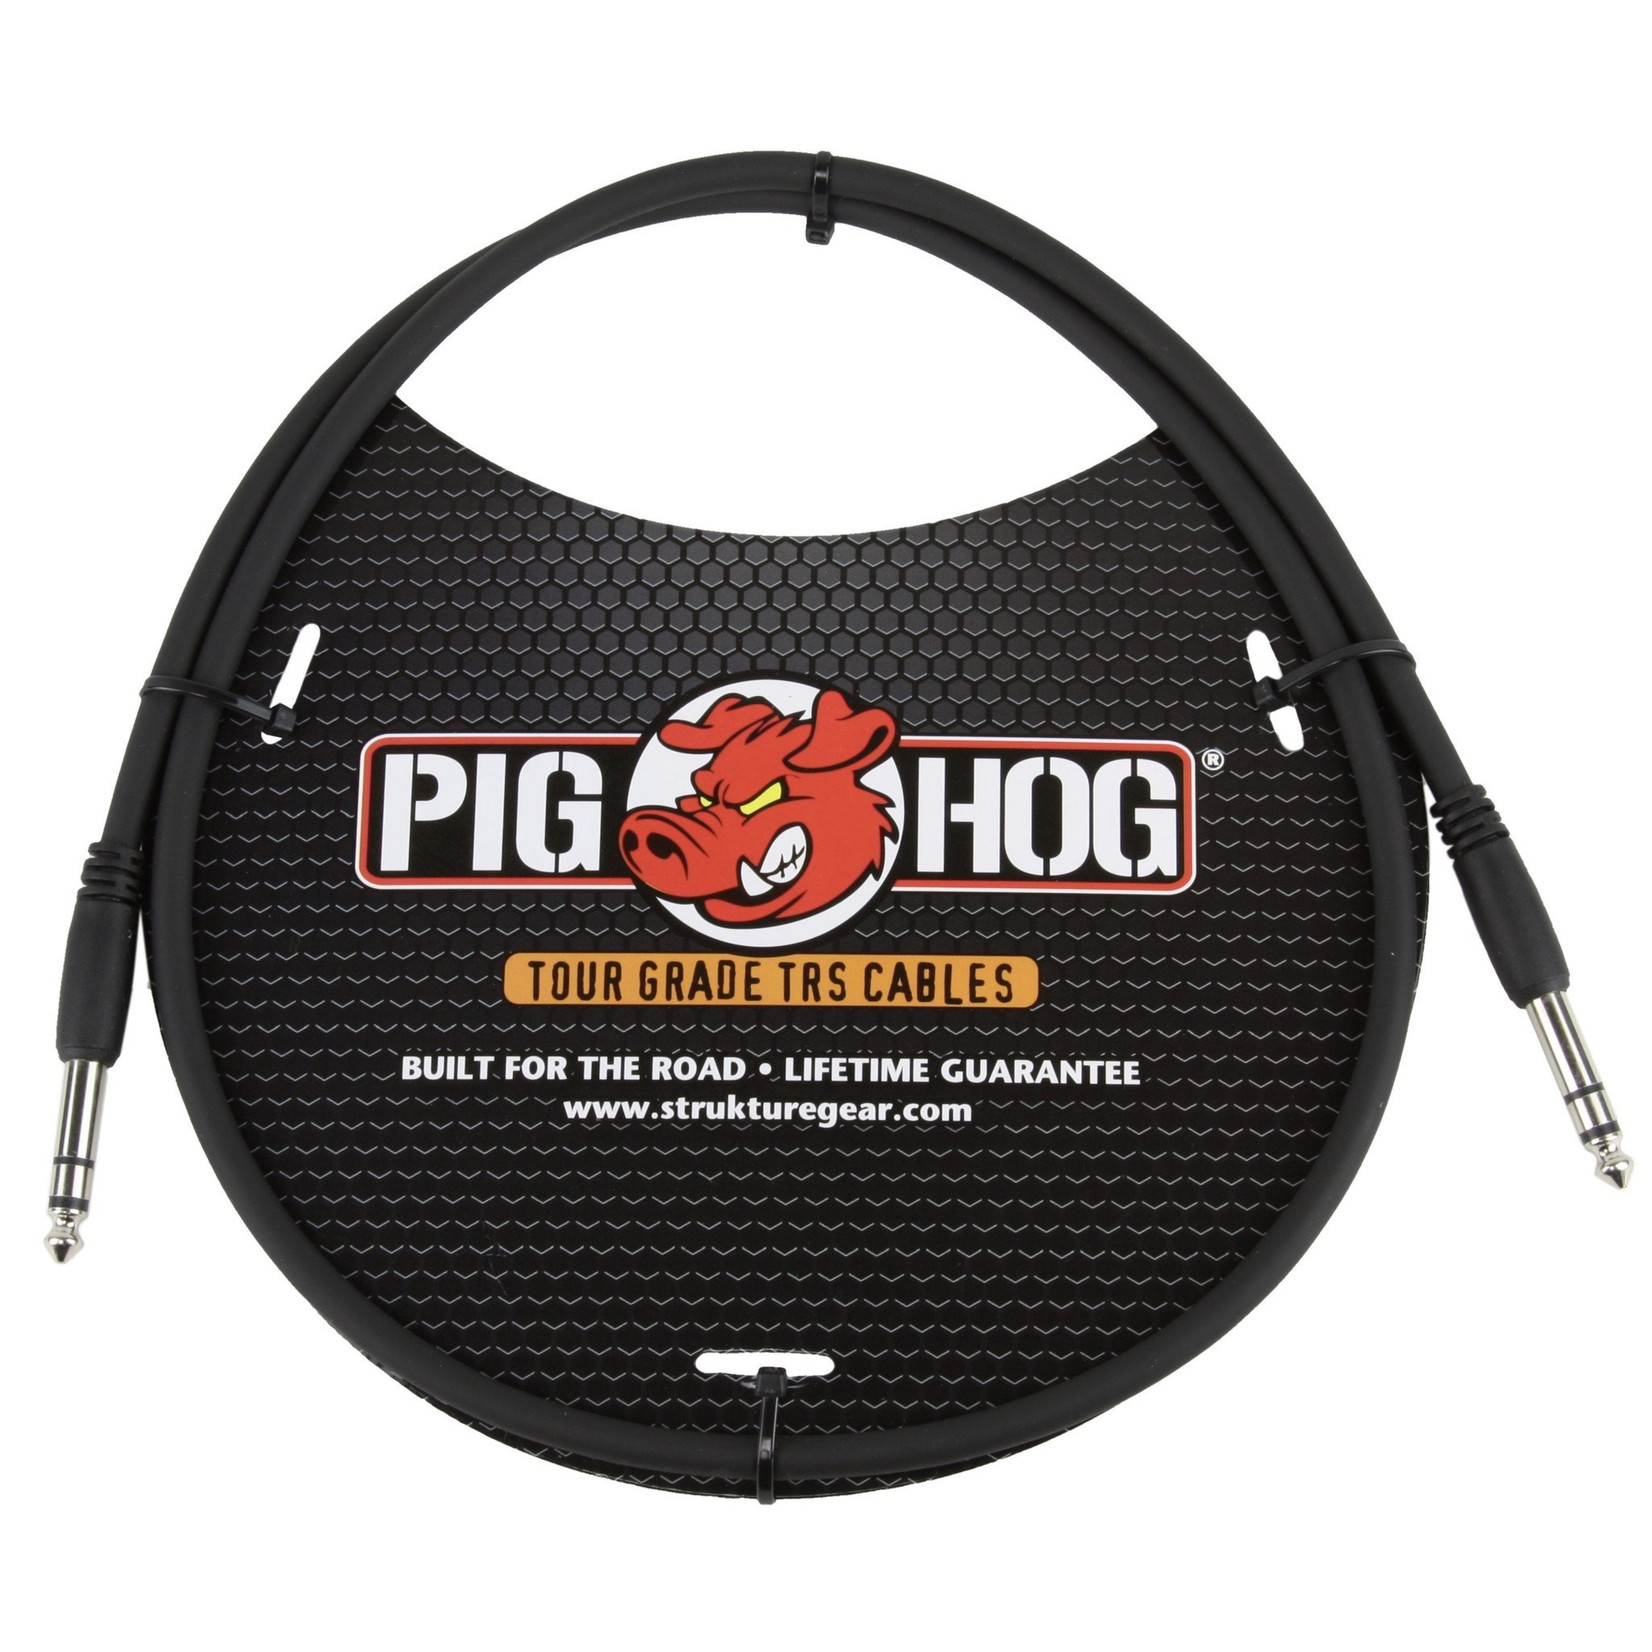 """Pig Hog Pig Hog Tour Grade 3-foot, 8mm, balanced 1/4"""" TRS - 1/4"""" TRS Cable, Black"""